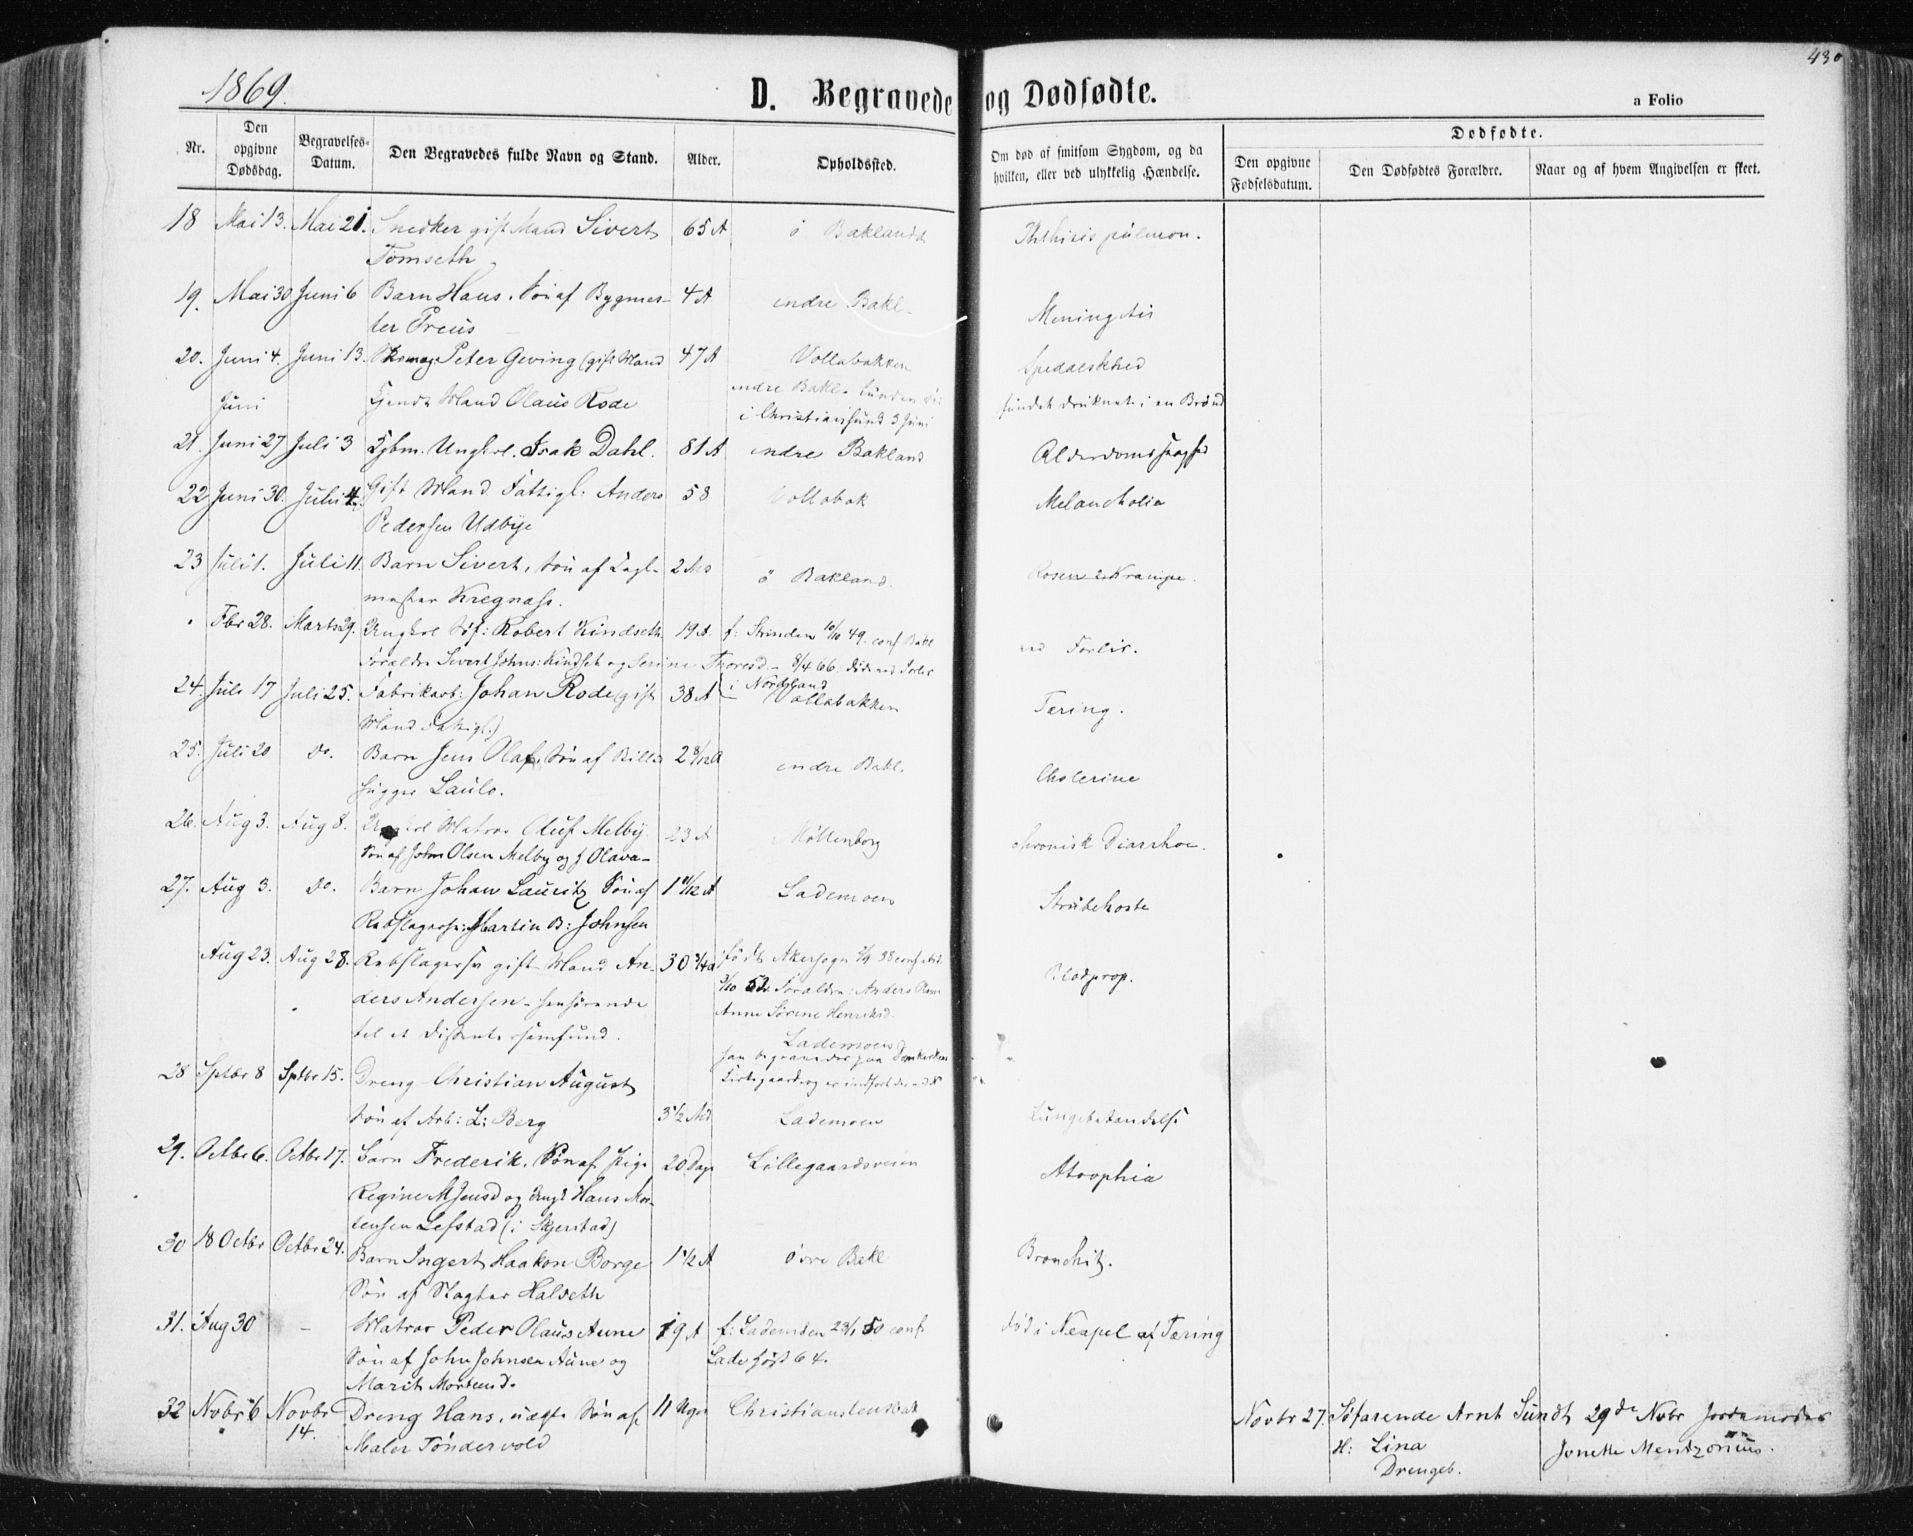 SAT, Ministerialprotokoller, klokkerbøker og fødselsregistre - Sør-Trøndelag, 604/L0186: Ministerialbok nr. 604A07, 1866-1877, s. 430